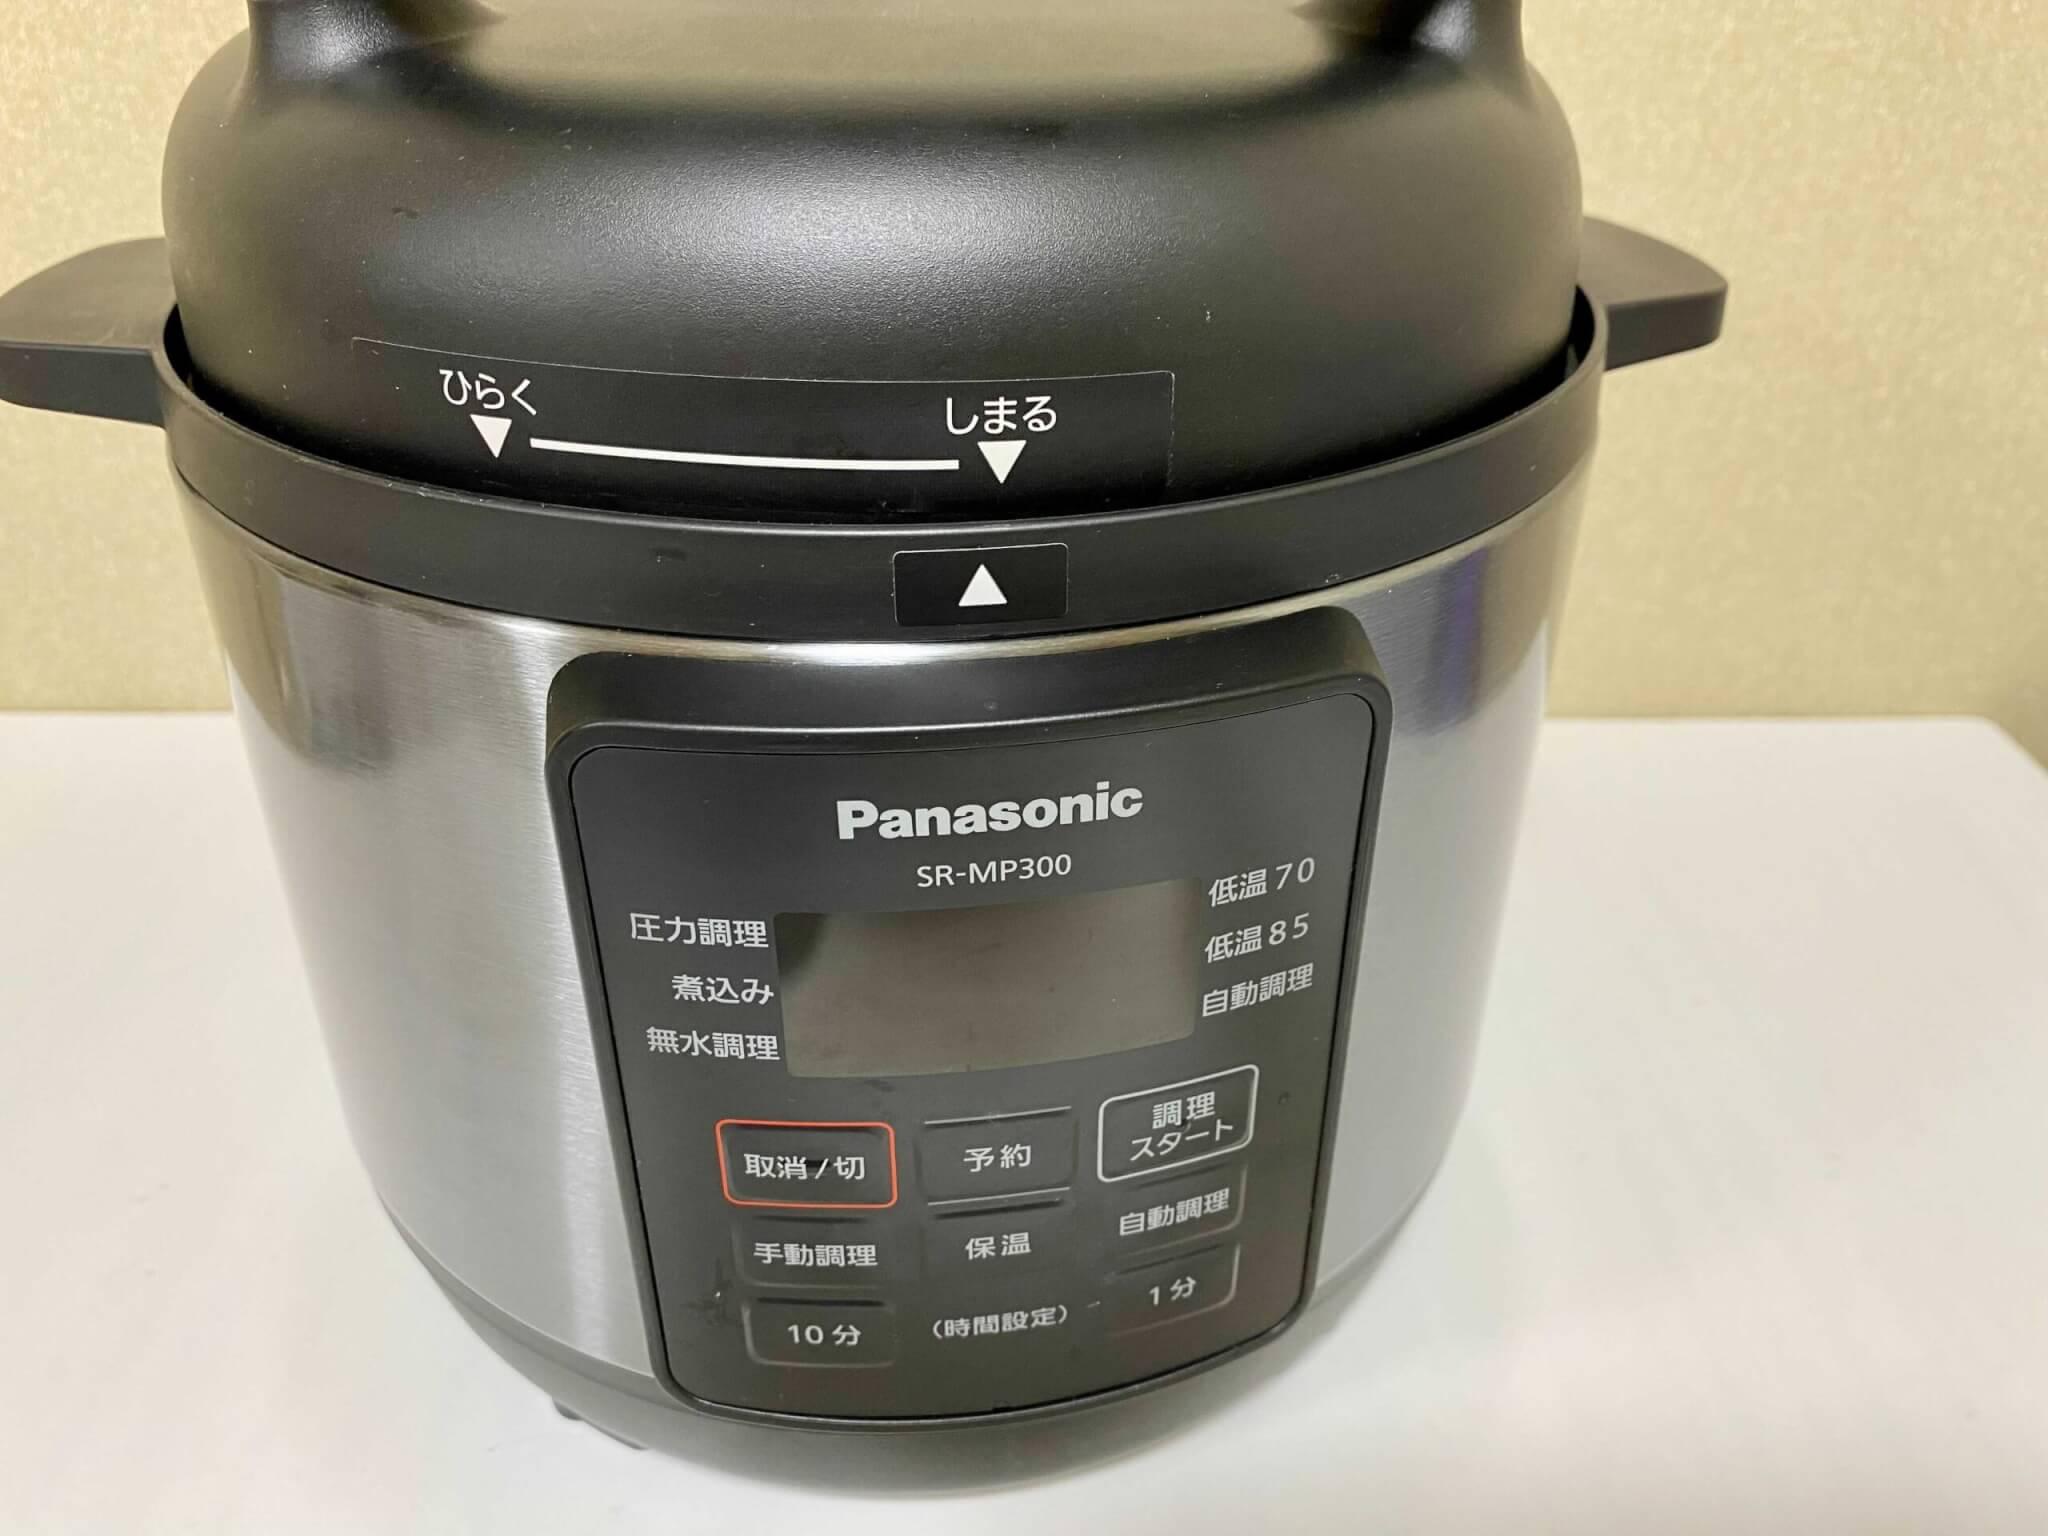 Panasonicの電気圧力なべ「SR-MP300」使用レビュー!手軽に本格調理ができる一台!